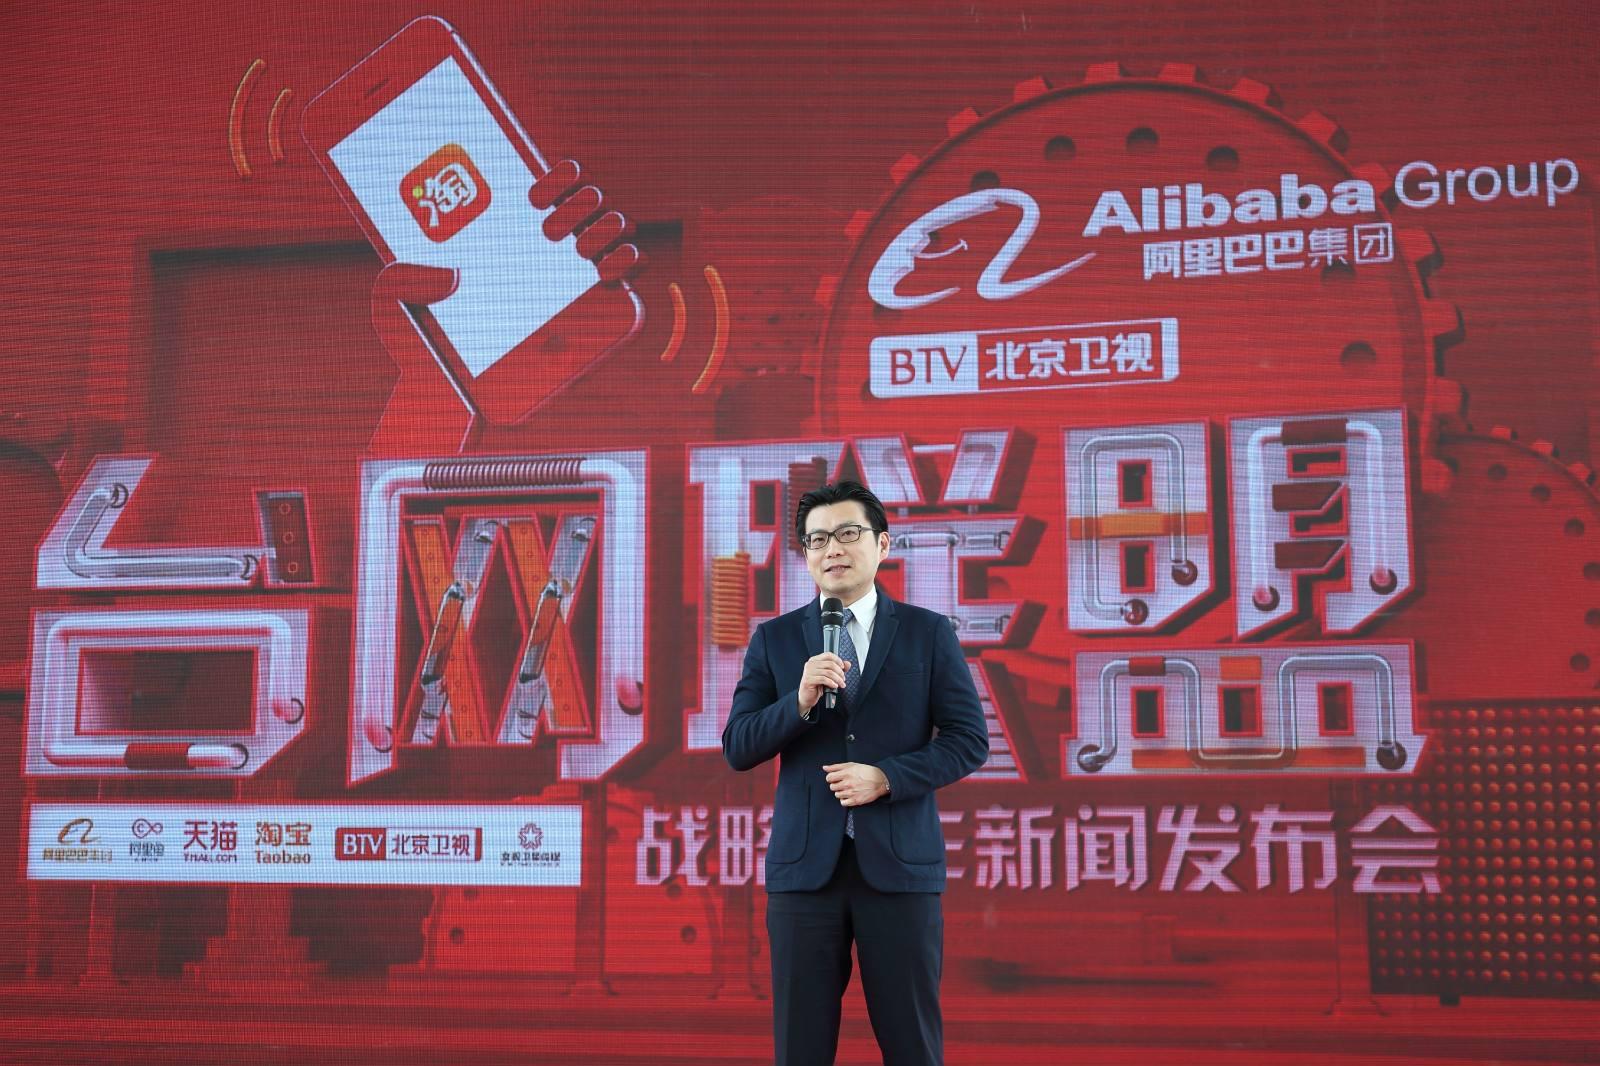 2017年4月23日电视台收视率排行榜,湖南卫视收视率第一北京卫视第三